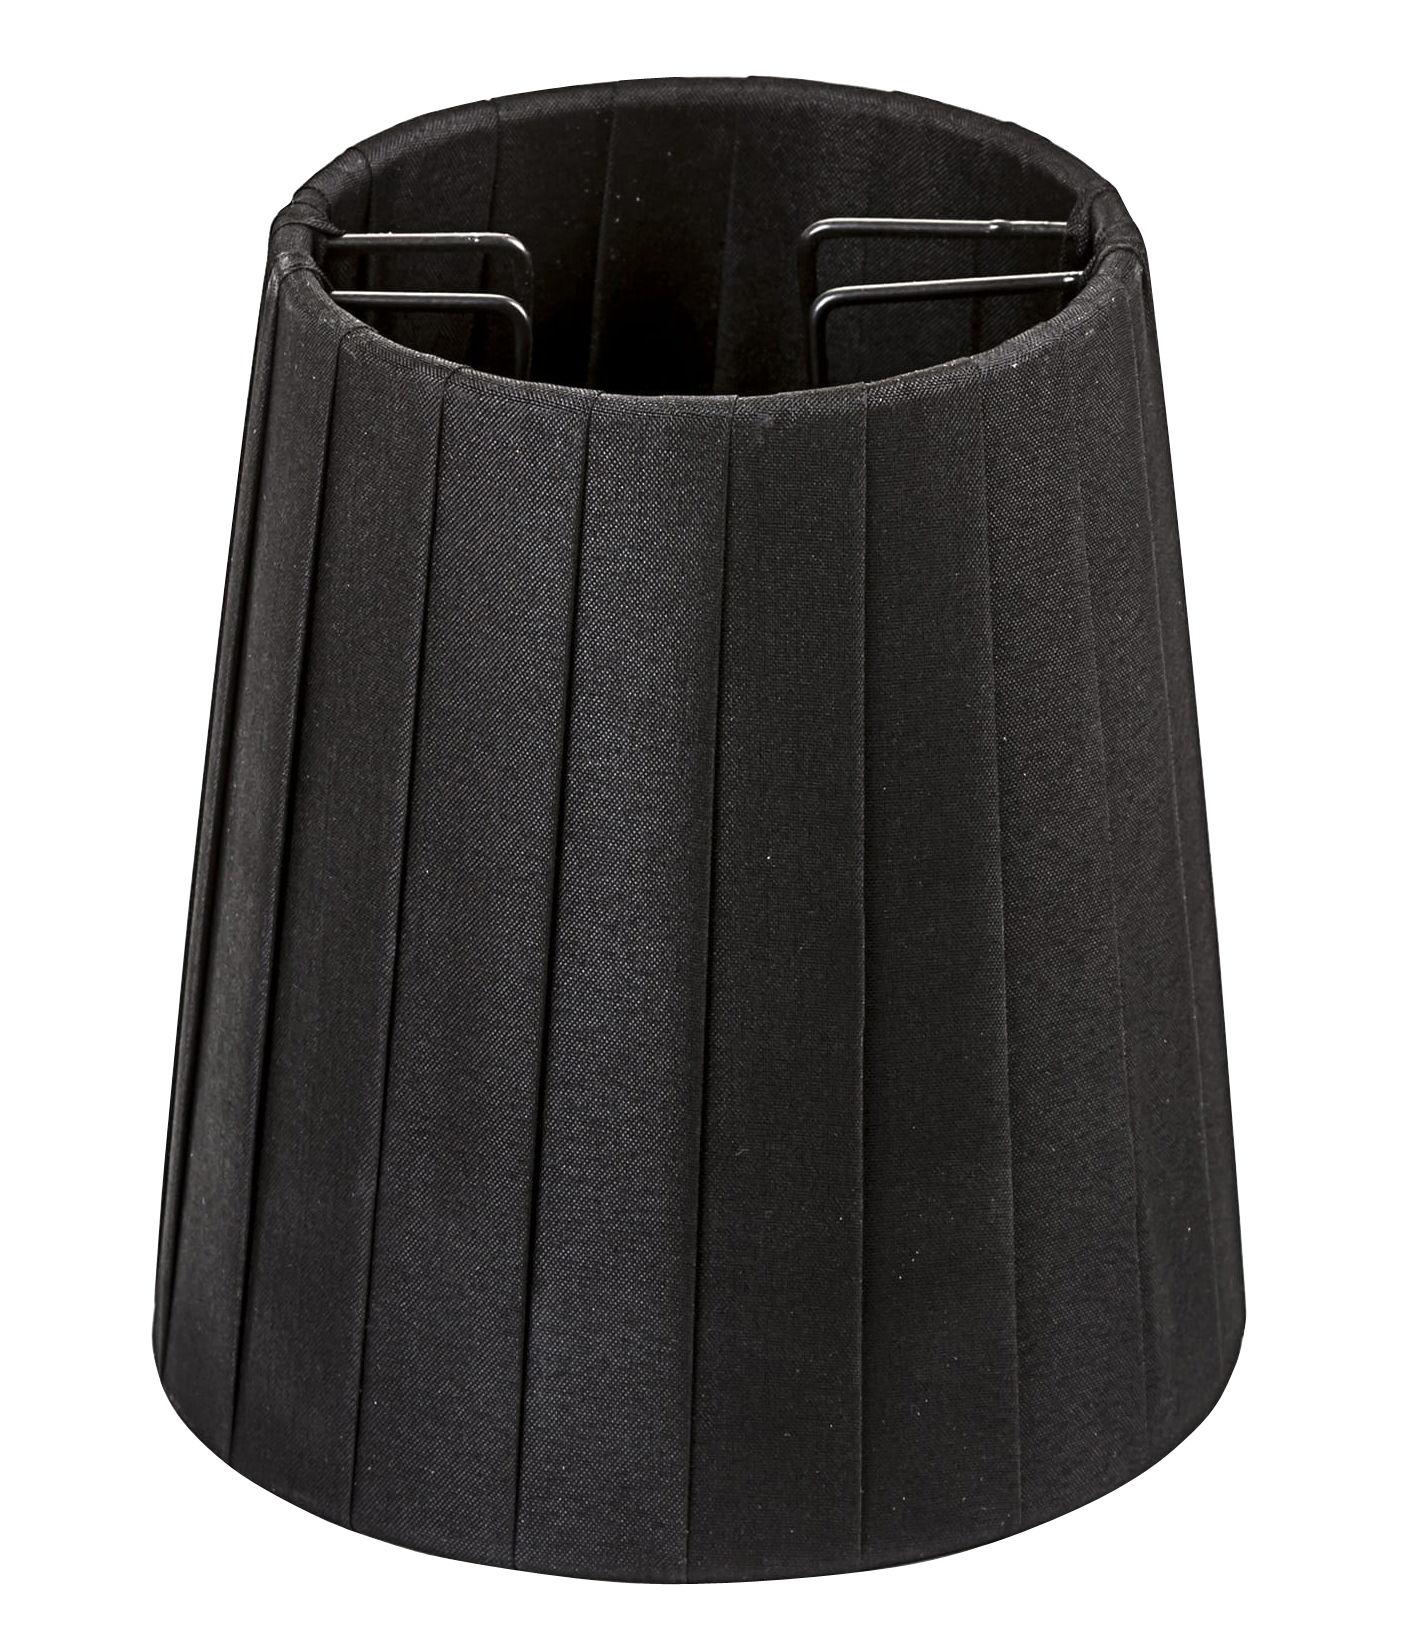 Luminaire - Ampoules et accessoires - Abat-jour tissu / Pour lampes Monkey - Seletti - Noir - Métal, Tissu polyester